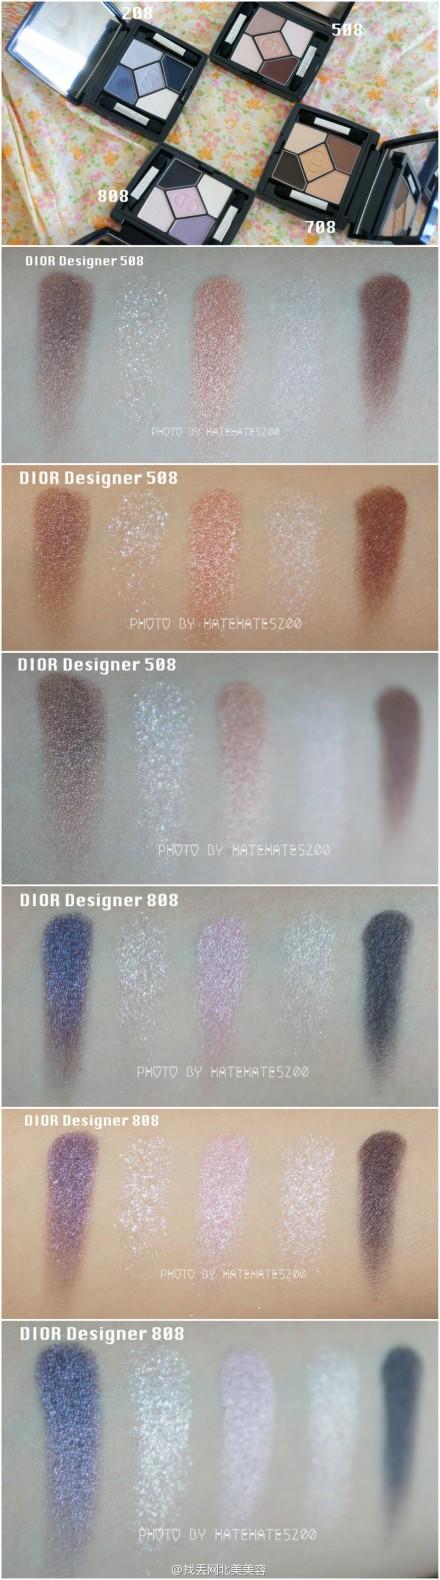 Dior Designer Eye Shadow #508